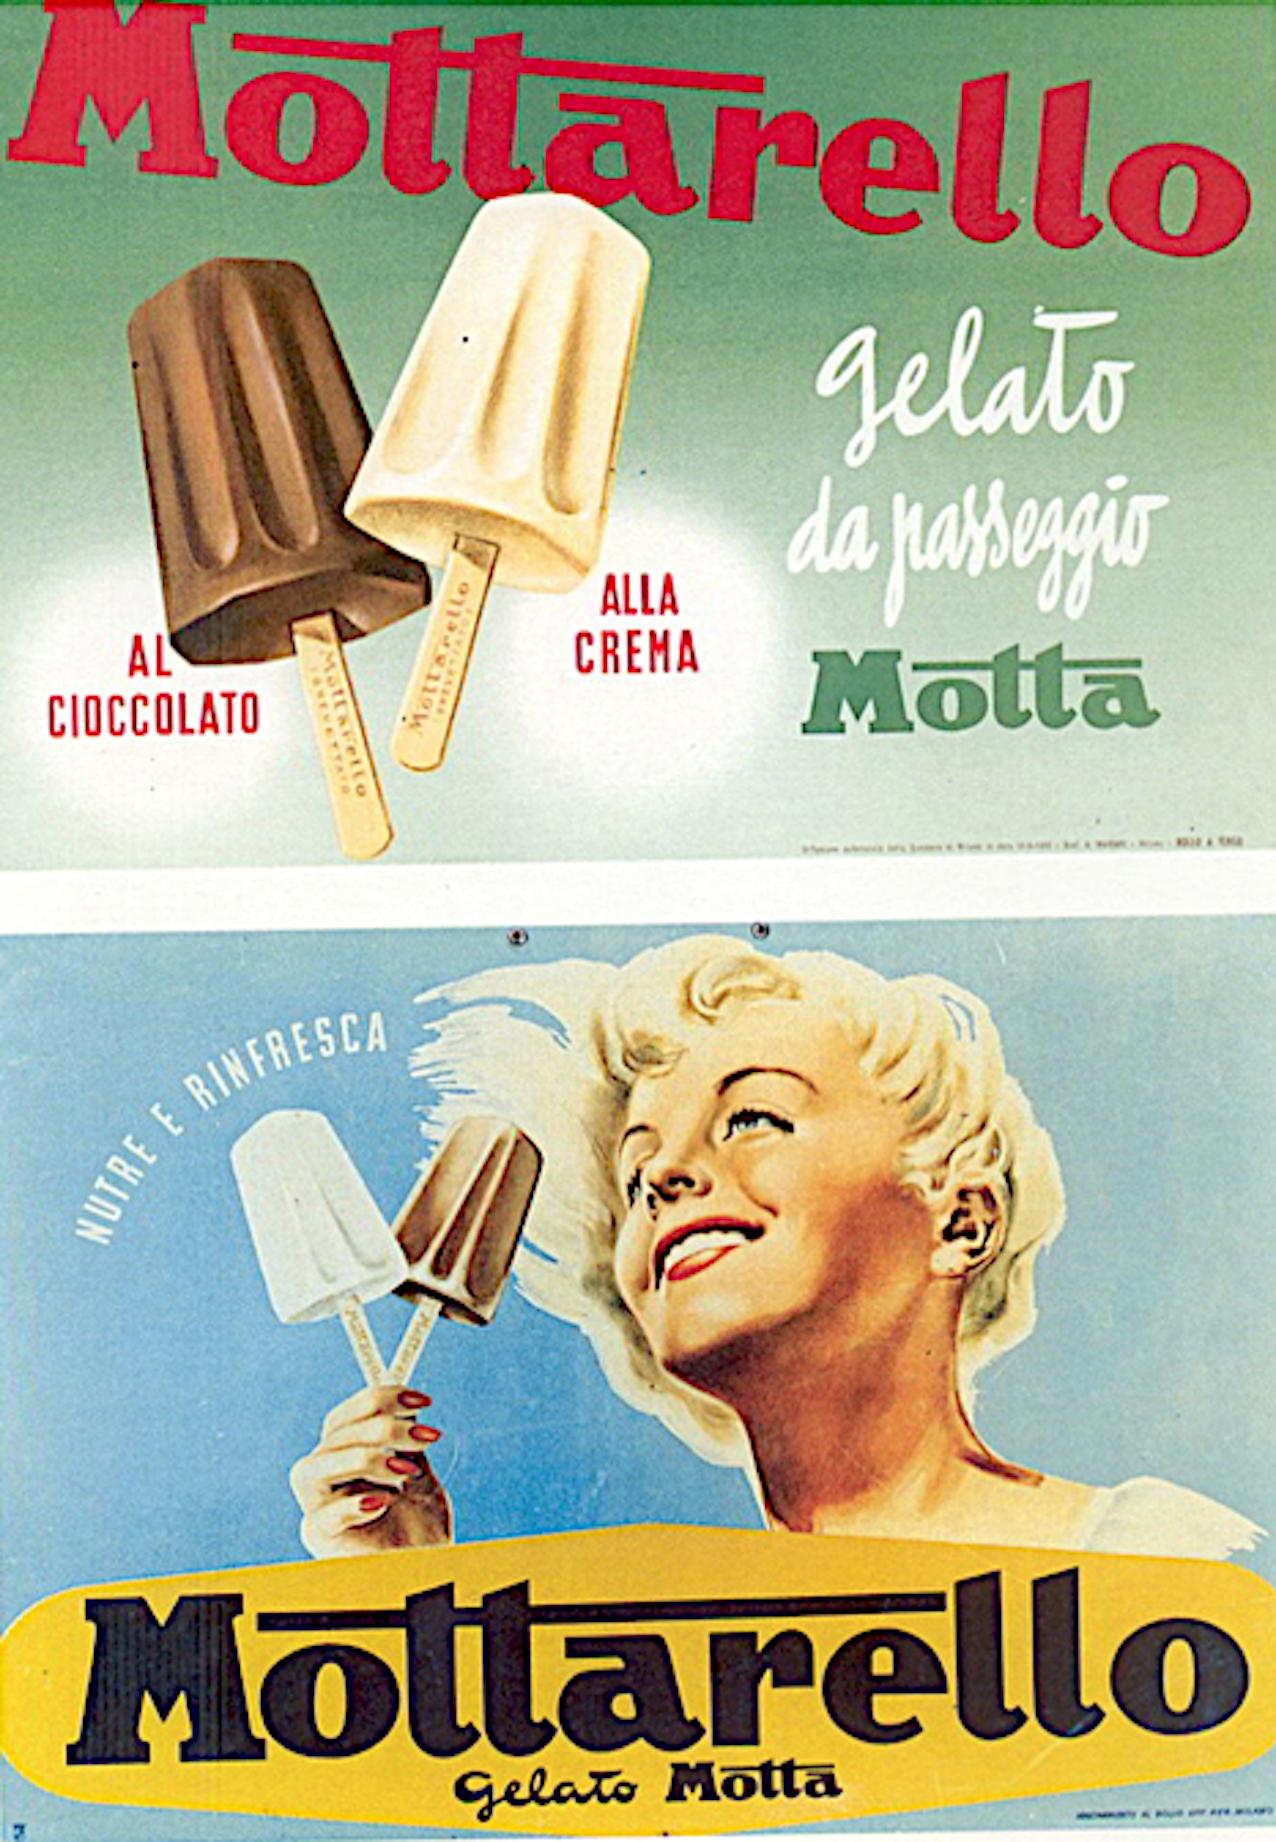 mottarello_storia_del_gelato